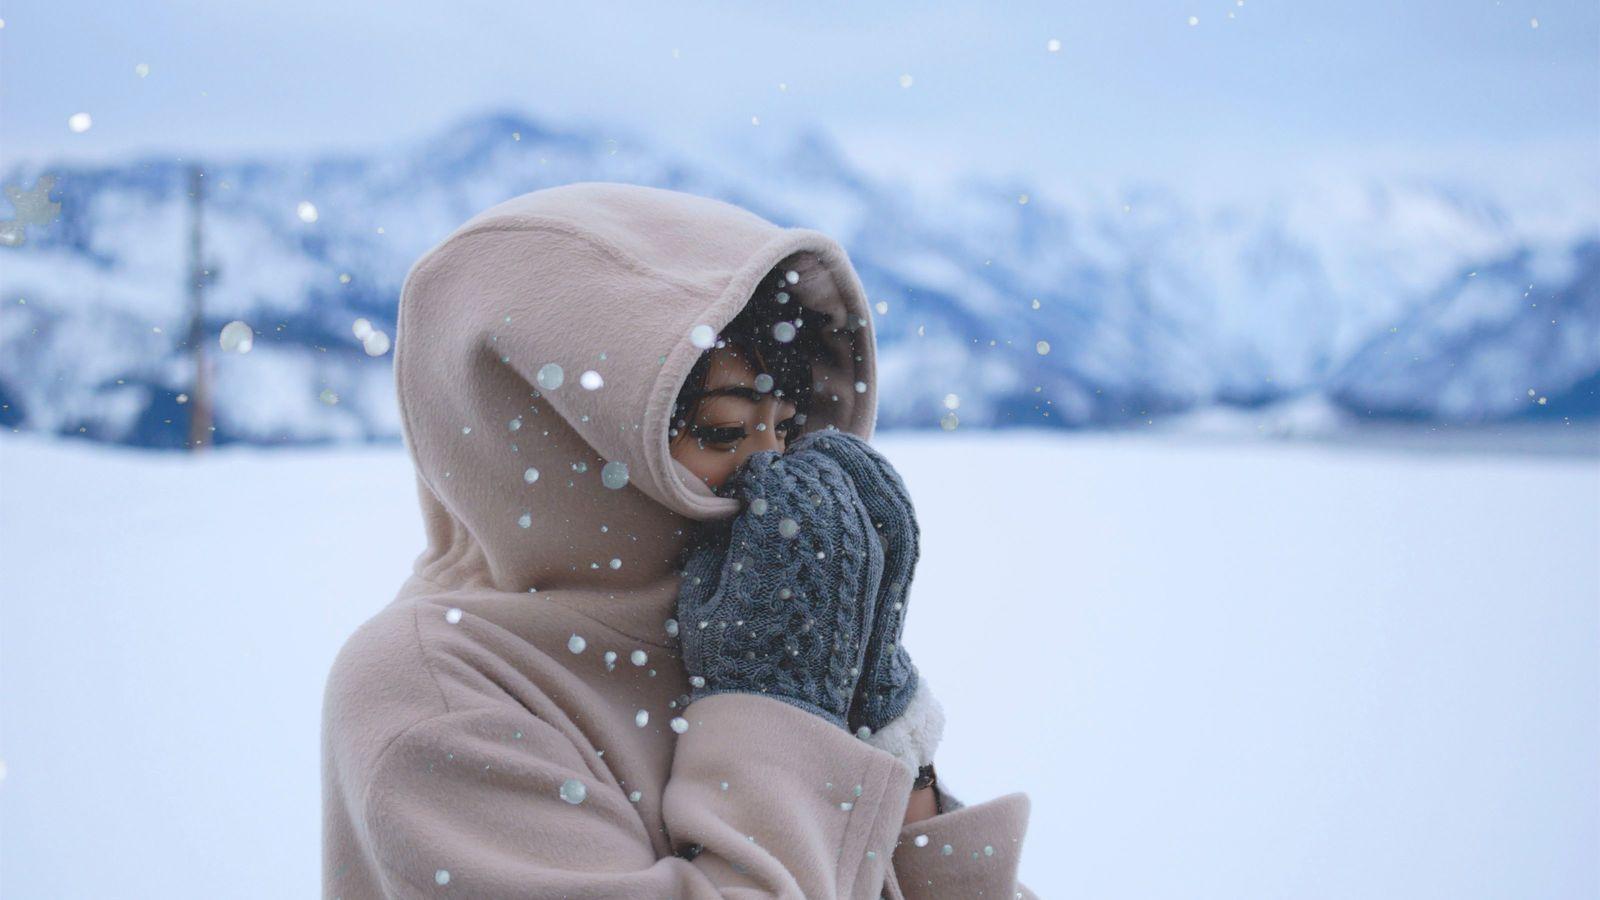 寒い日ほど「いい天気ですね」と言うべき理由 状況と解釈は切り離して考える